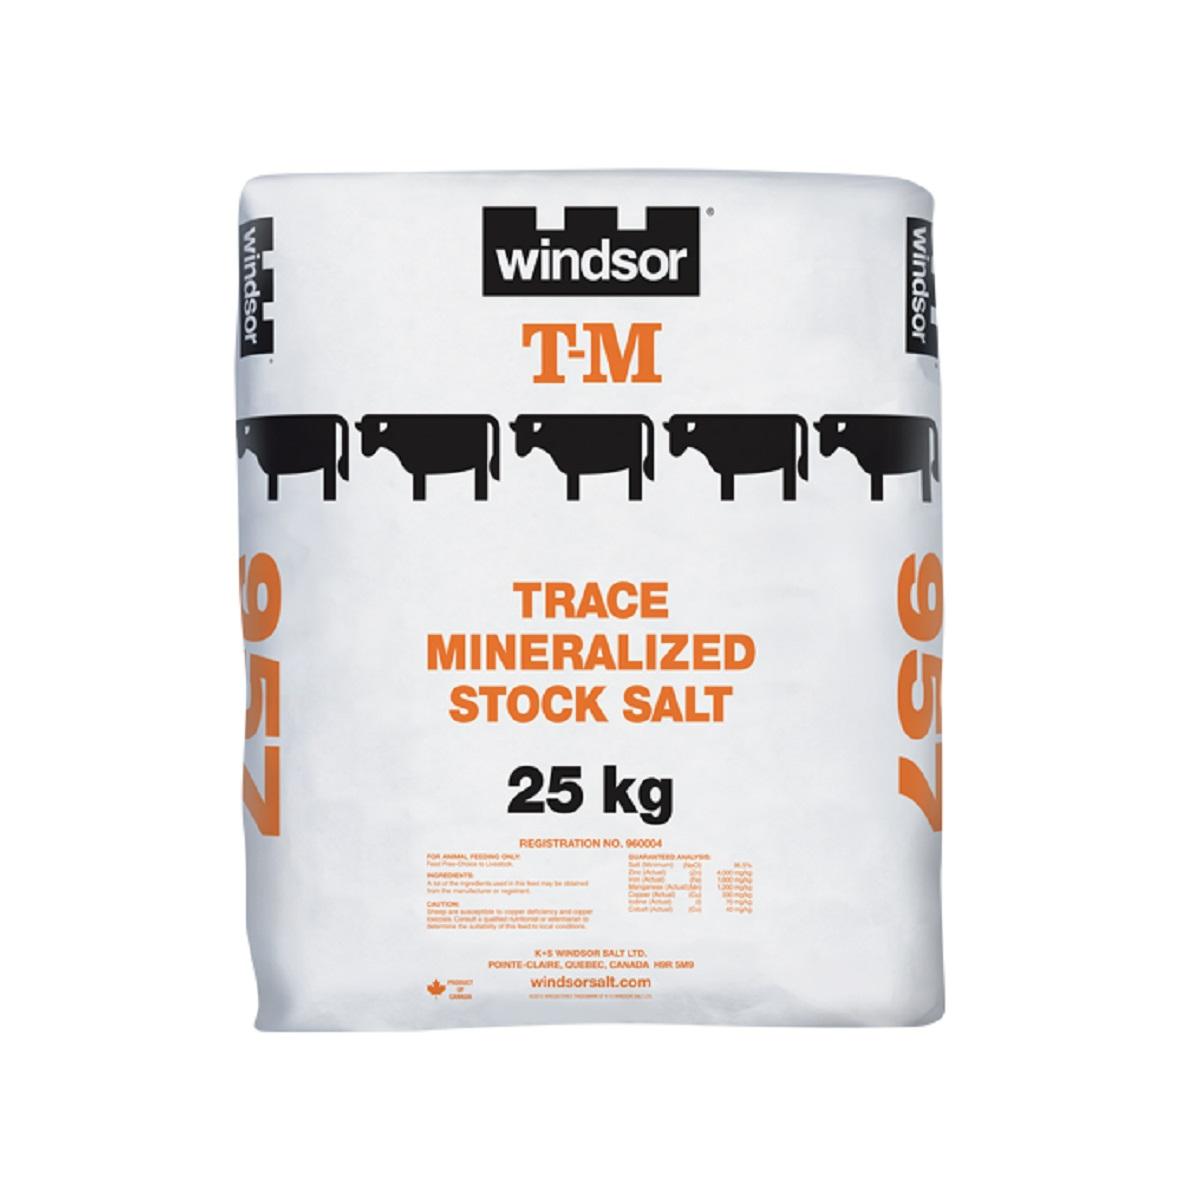 Windsor Trace Mineralized Stock Salt - T.M. - 25 kg - Bag